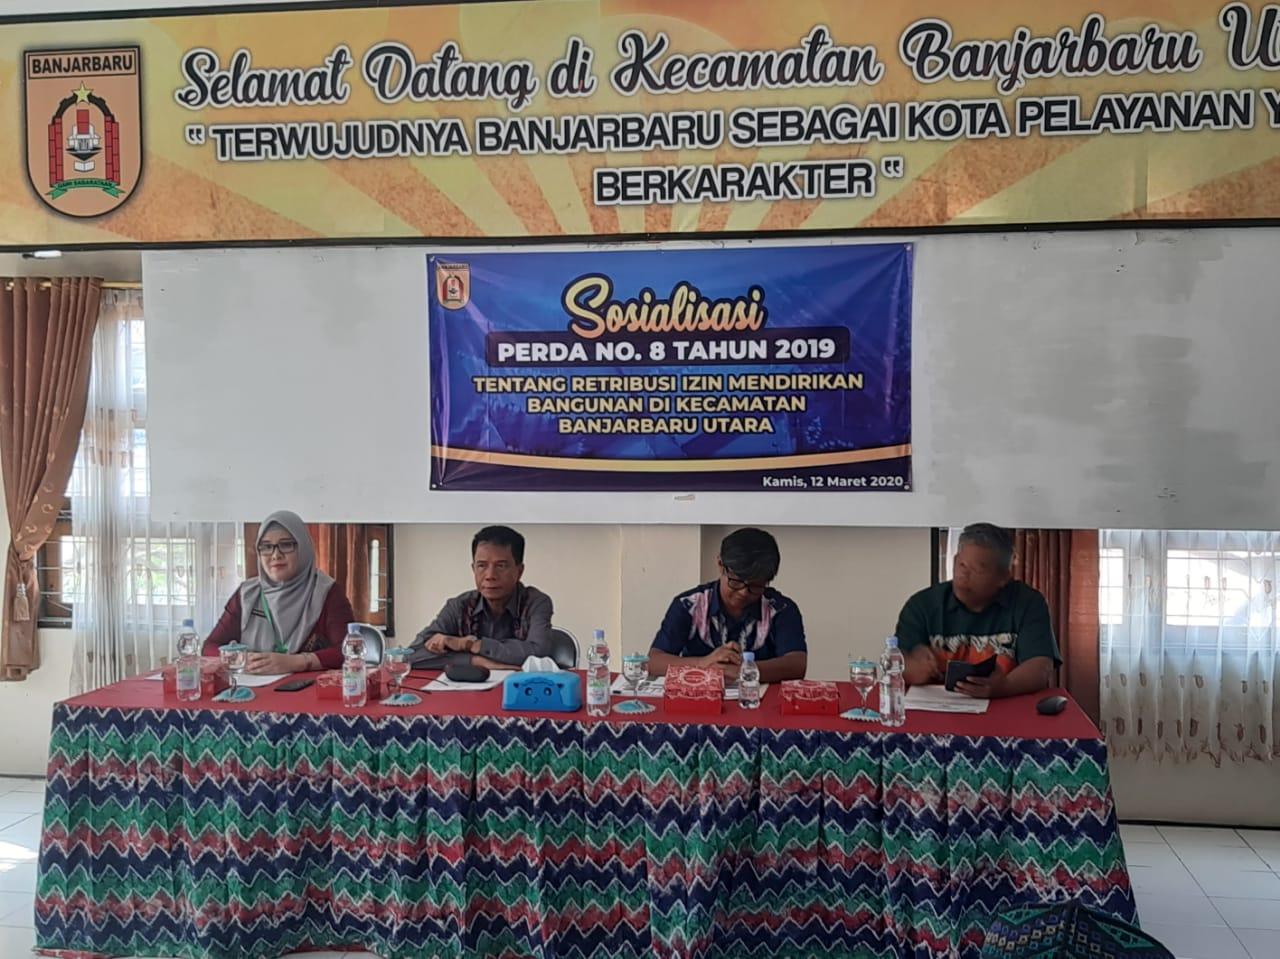 Sosialisasi Peraturan Daerah Kota Banjarbaru Nomor 8 Tahun 2019 Tentang Retribusi Izin Mendirikan Bangunan